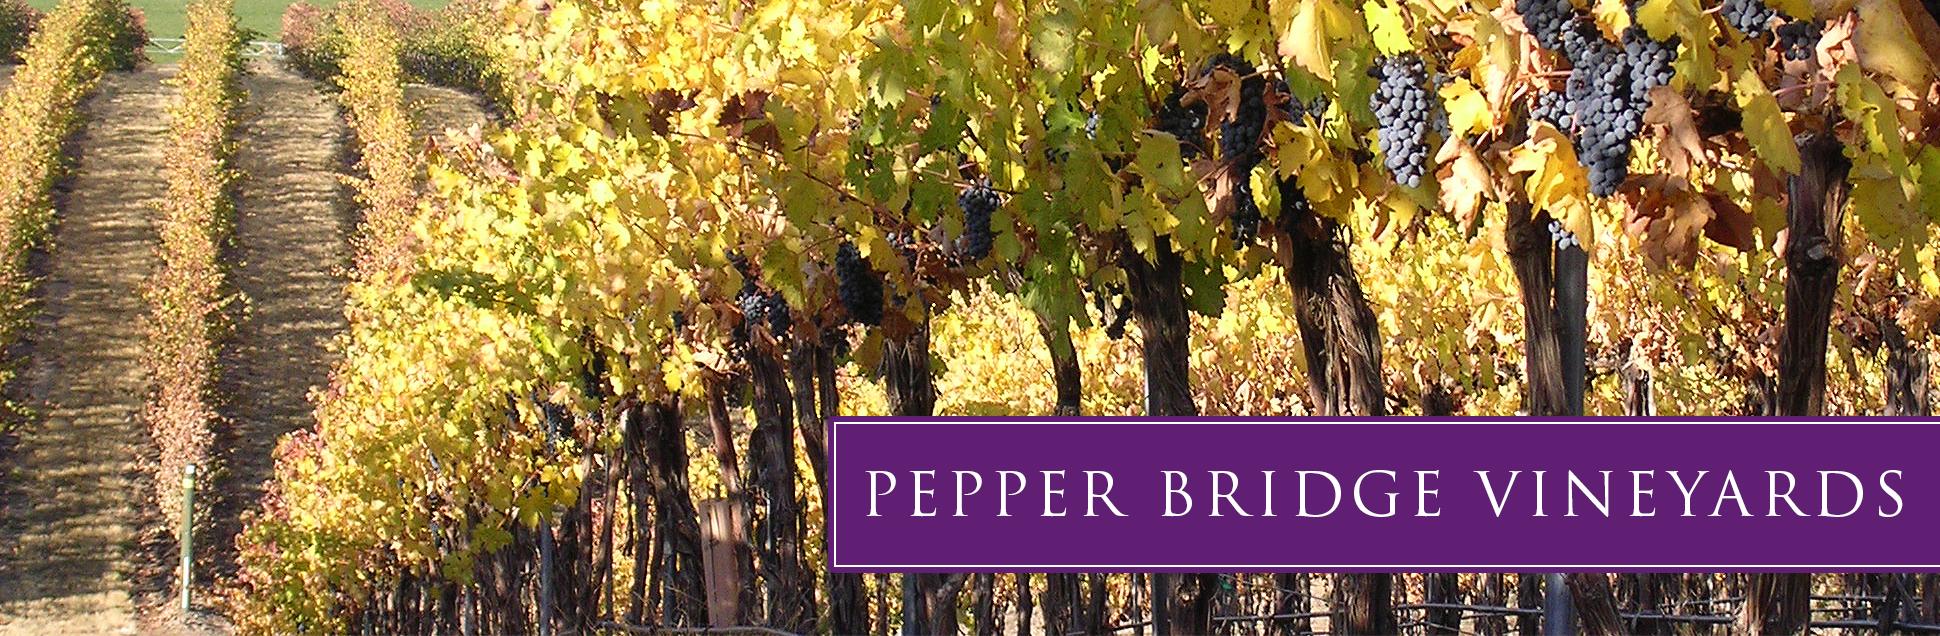 pb-vineyard-02.jpg